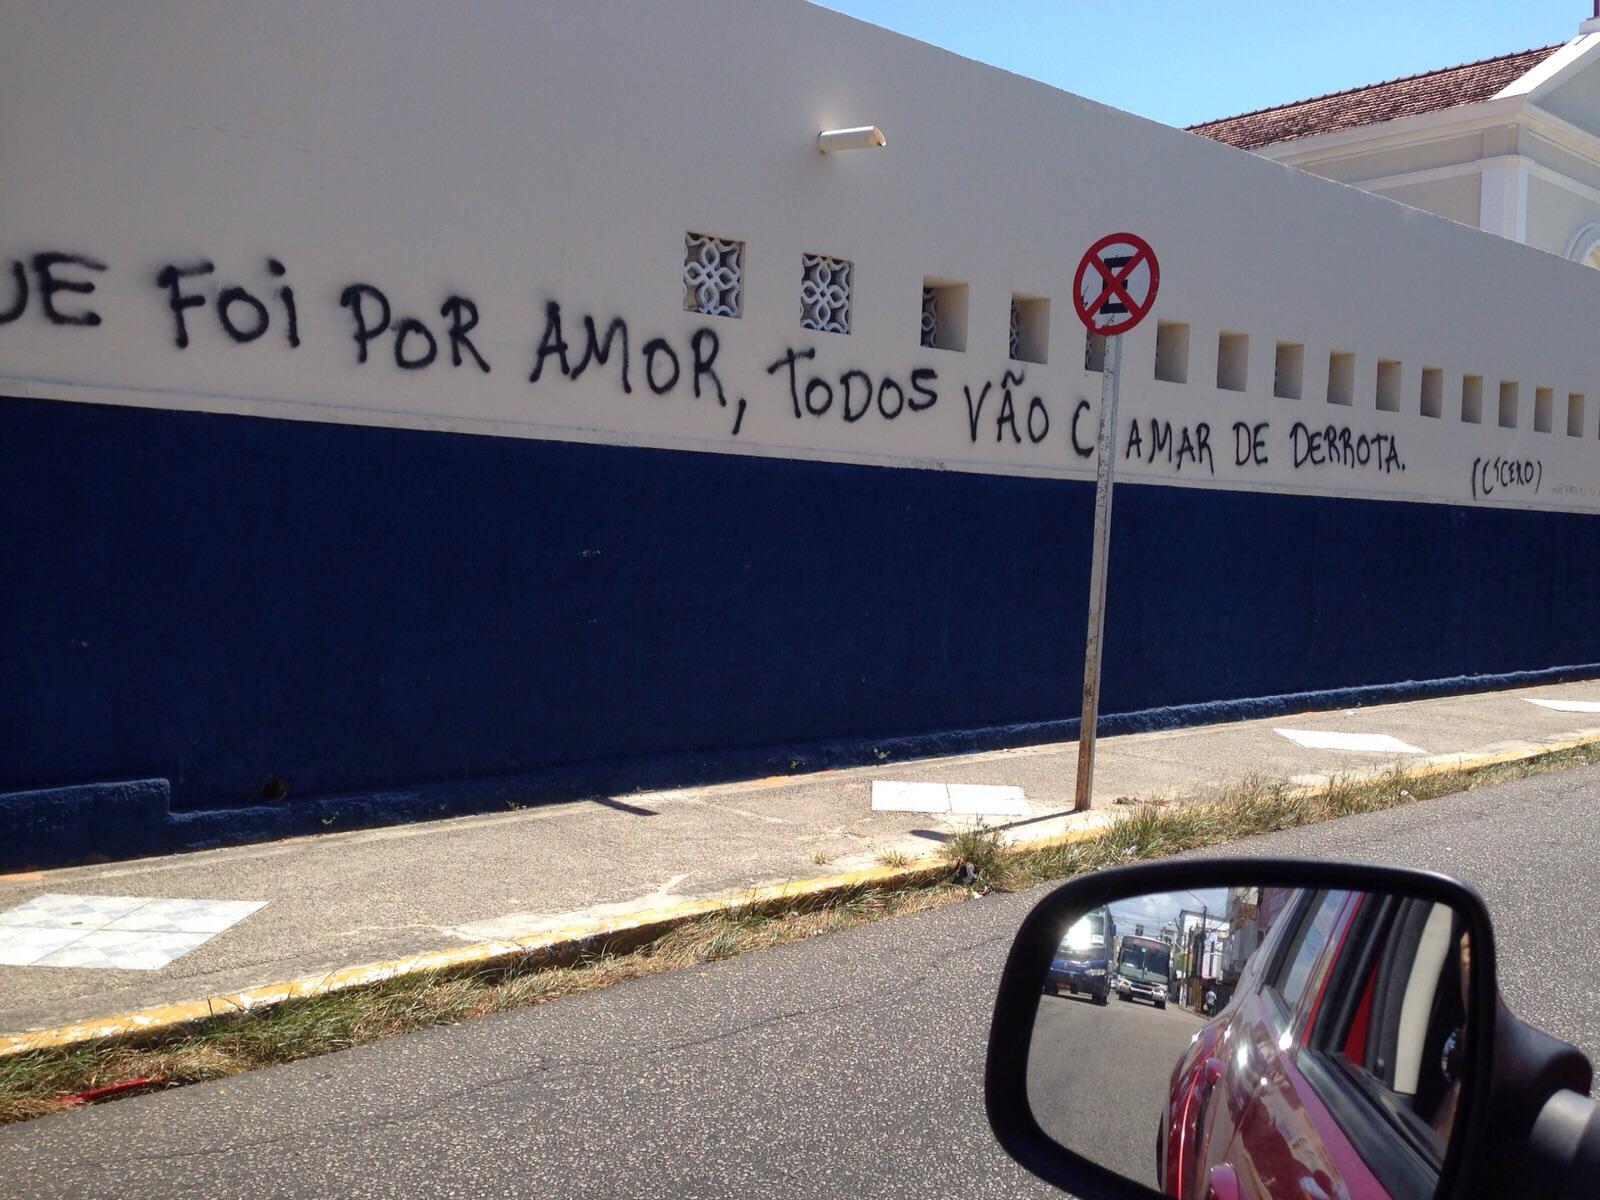 Quem é Cícero cujas frases estão pichadas nos muros das ruas?